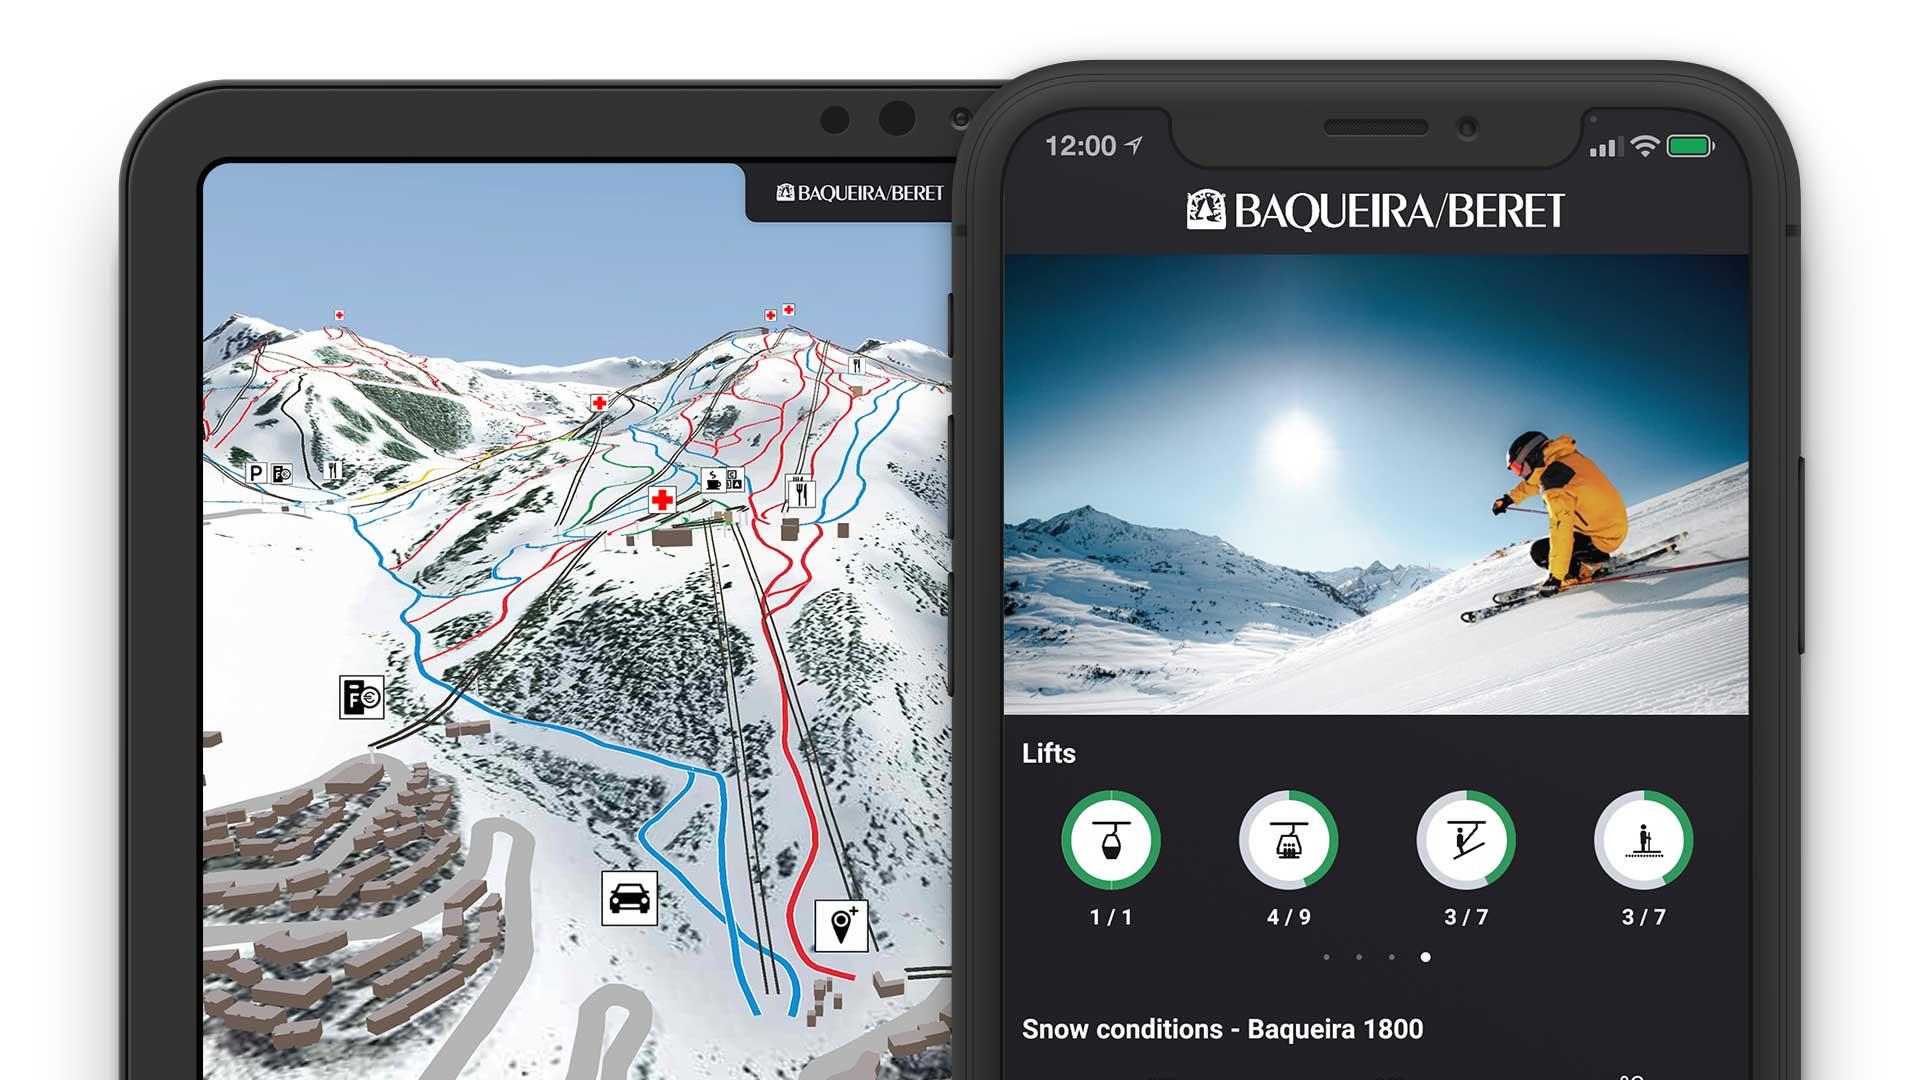 BaqueiraCustomerStoriesiPad&iPhoneX